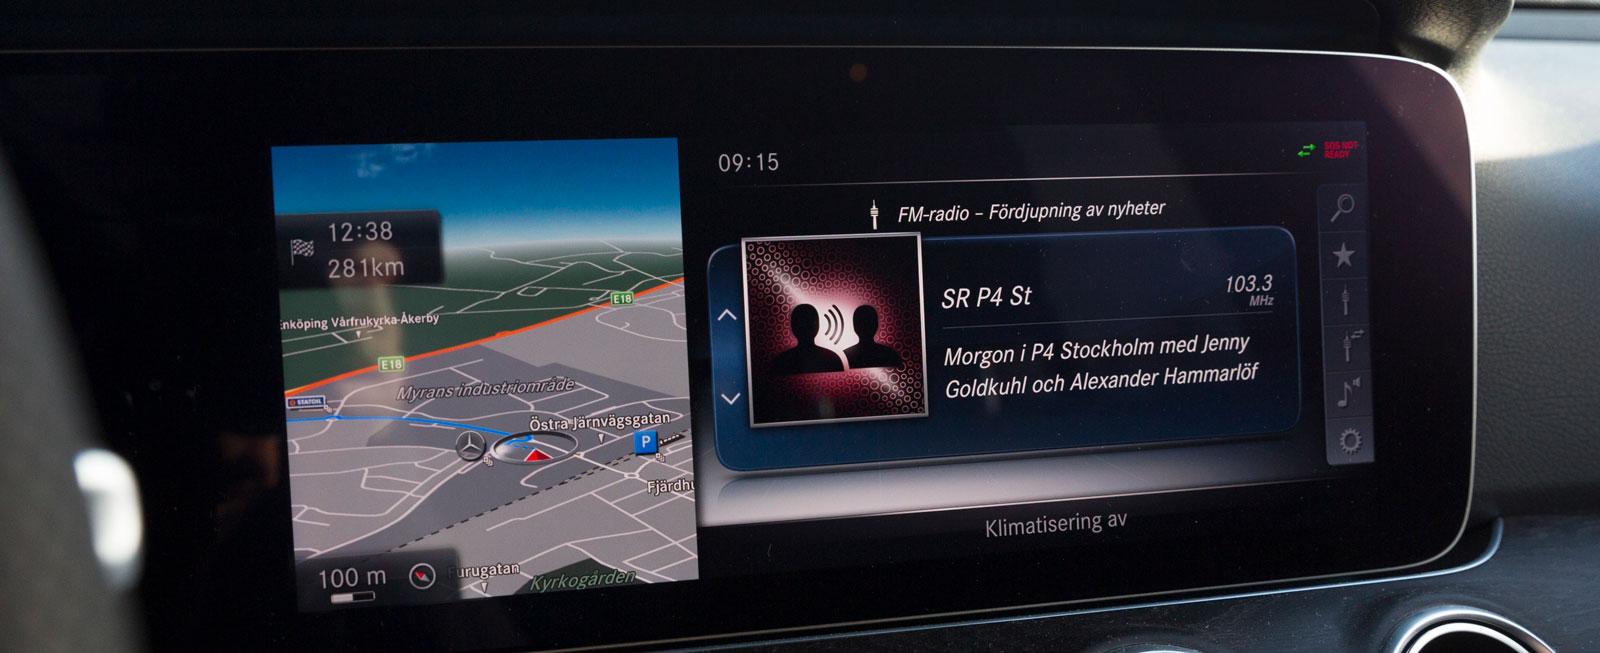 Testbilen var extrautrustad med Widescreen Cockpit, pekplatta, vindrutedisplay och Command online navigation. Det ger många möjligheter att få information.